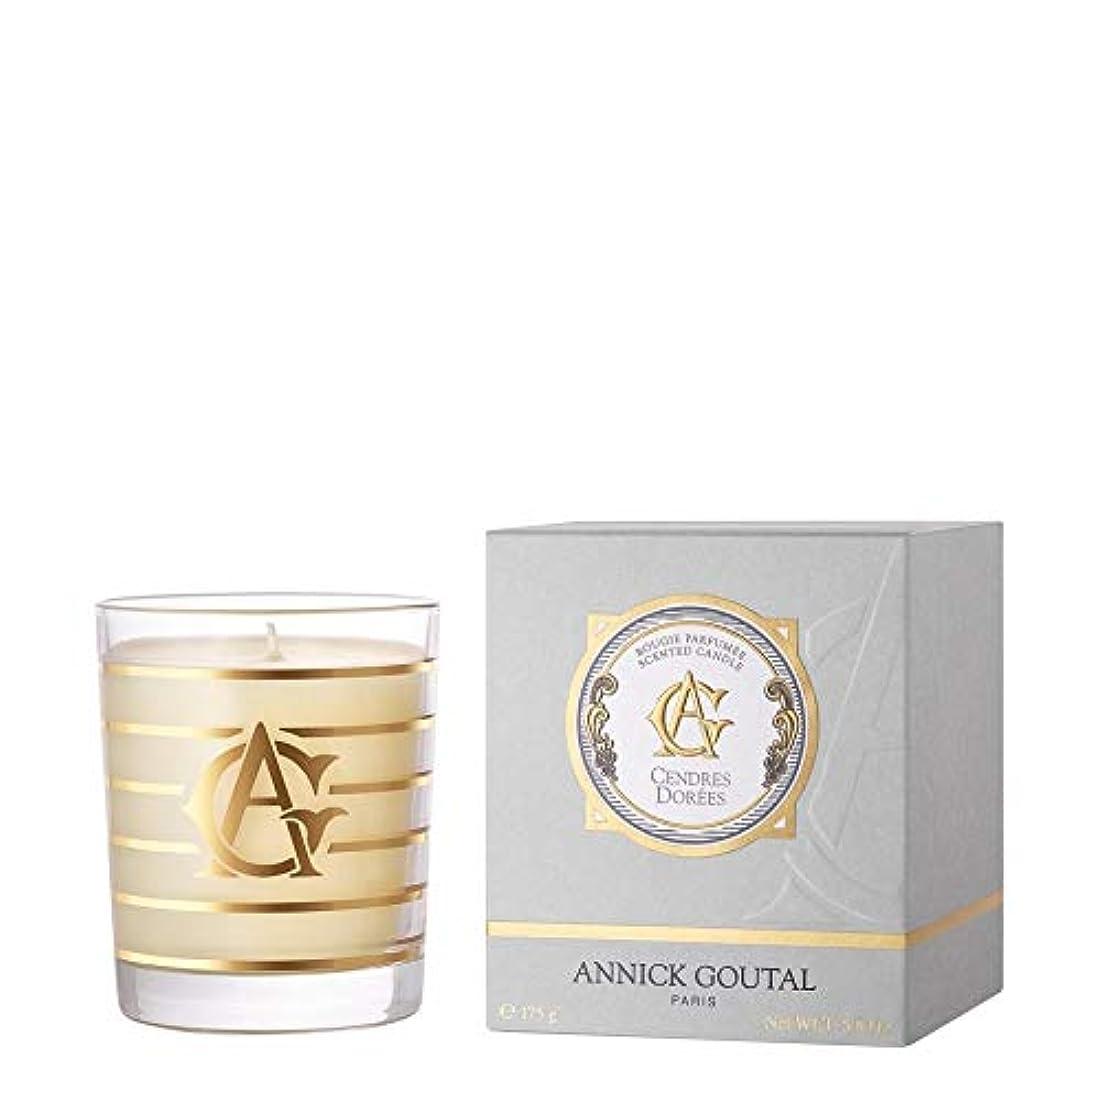 簡略化する甥意気消沈した[Annick Goutal ] アニックグタールCendres Dorees香りのキャンドル175グラム - Annick Goutal Cendres Dorees Perfumed Candle 175g [並行輸入品]